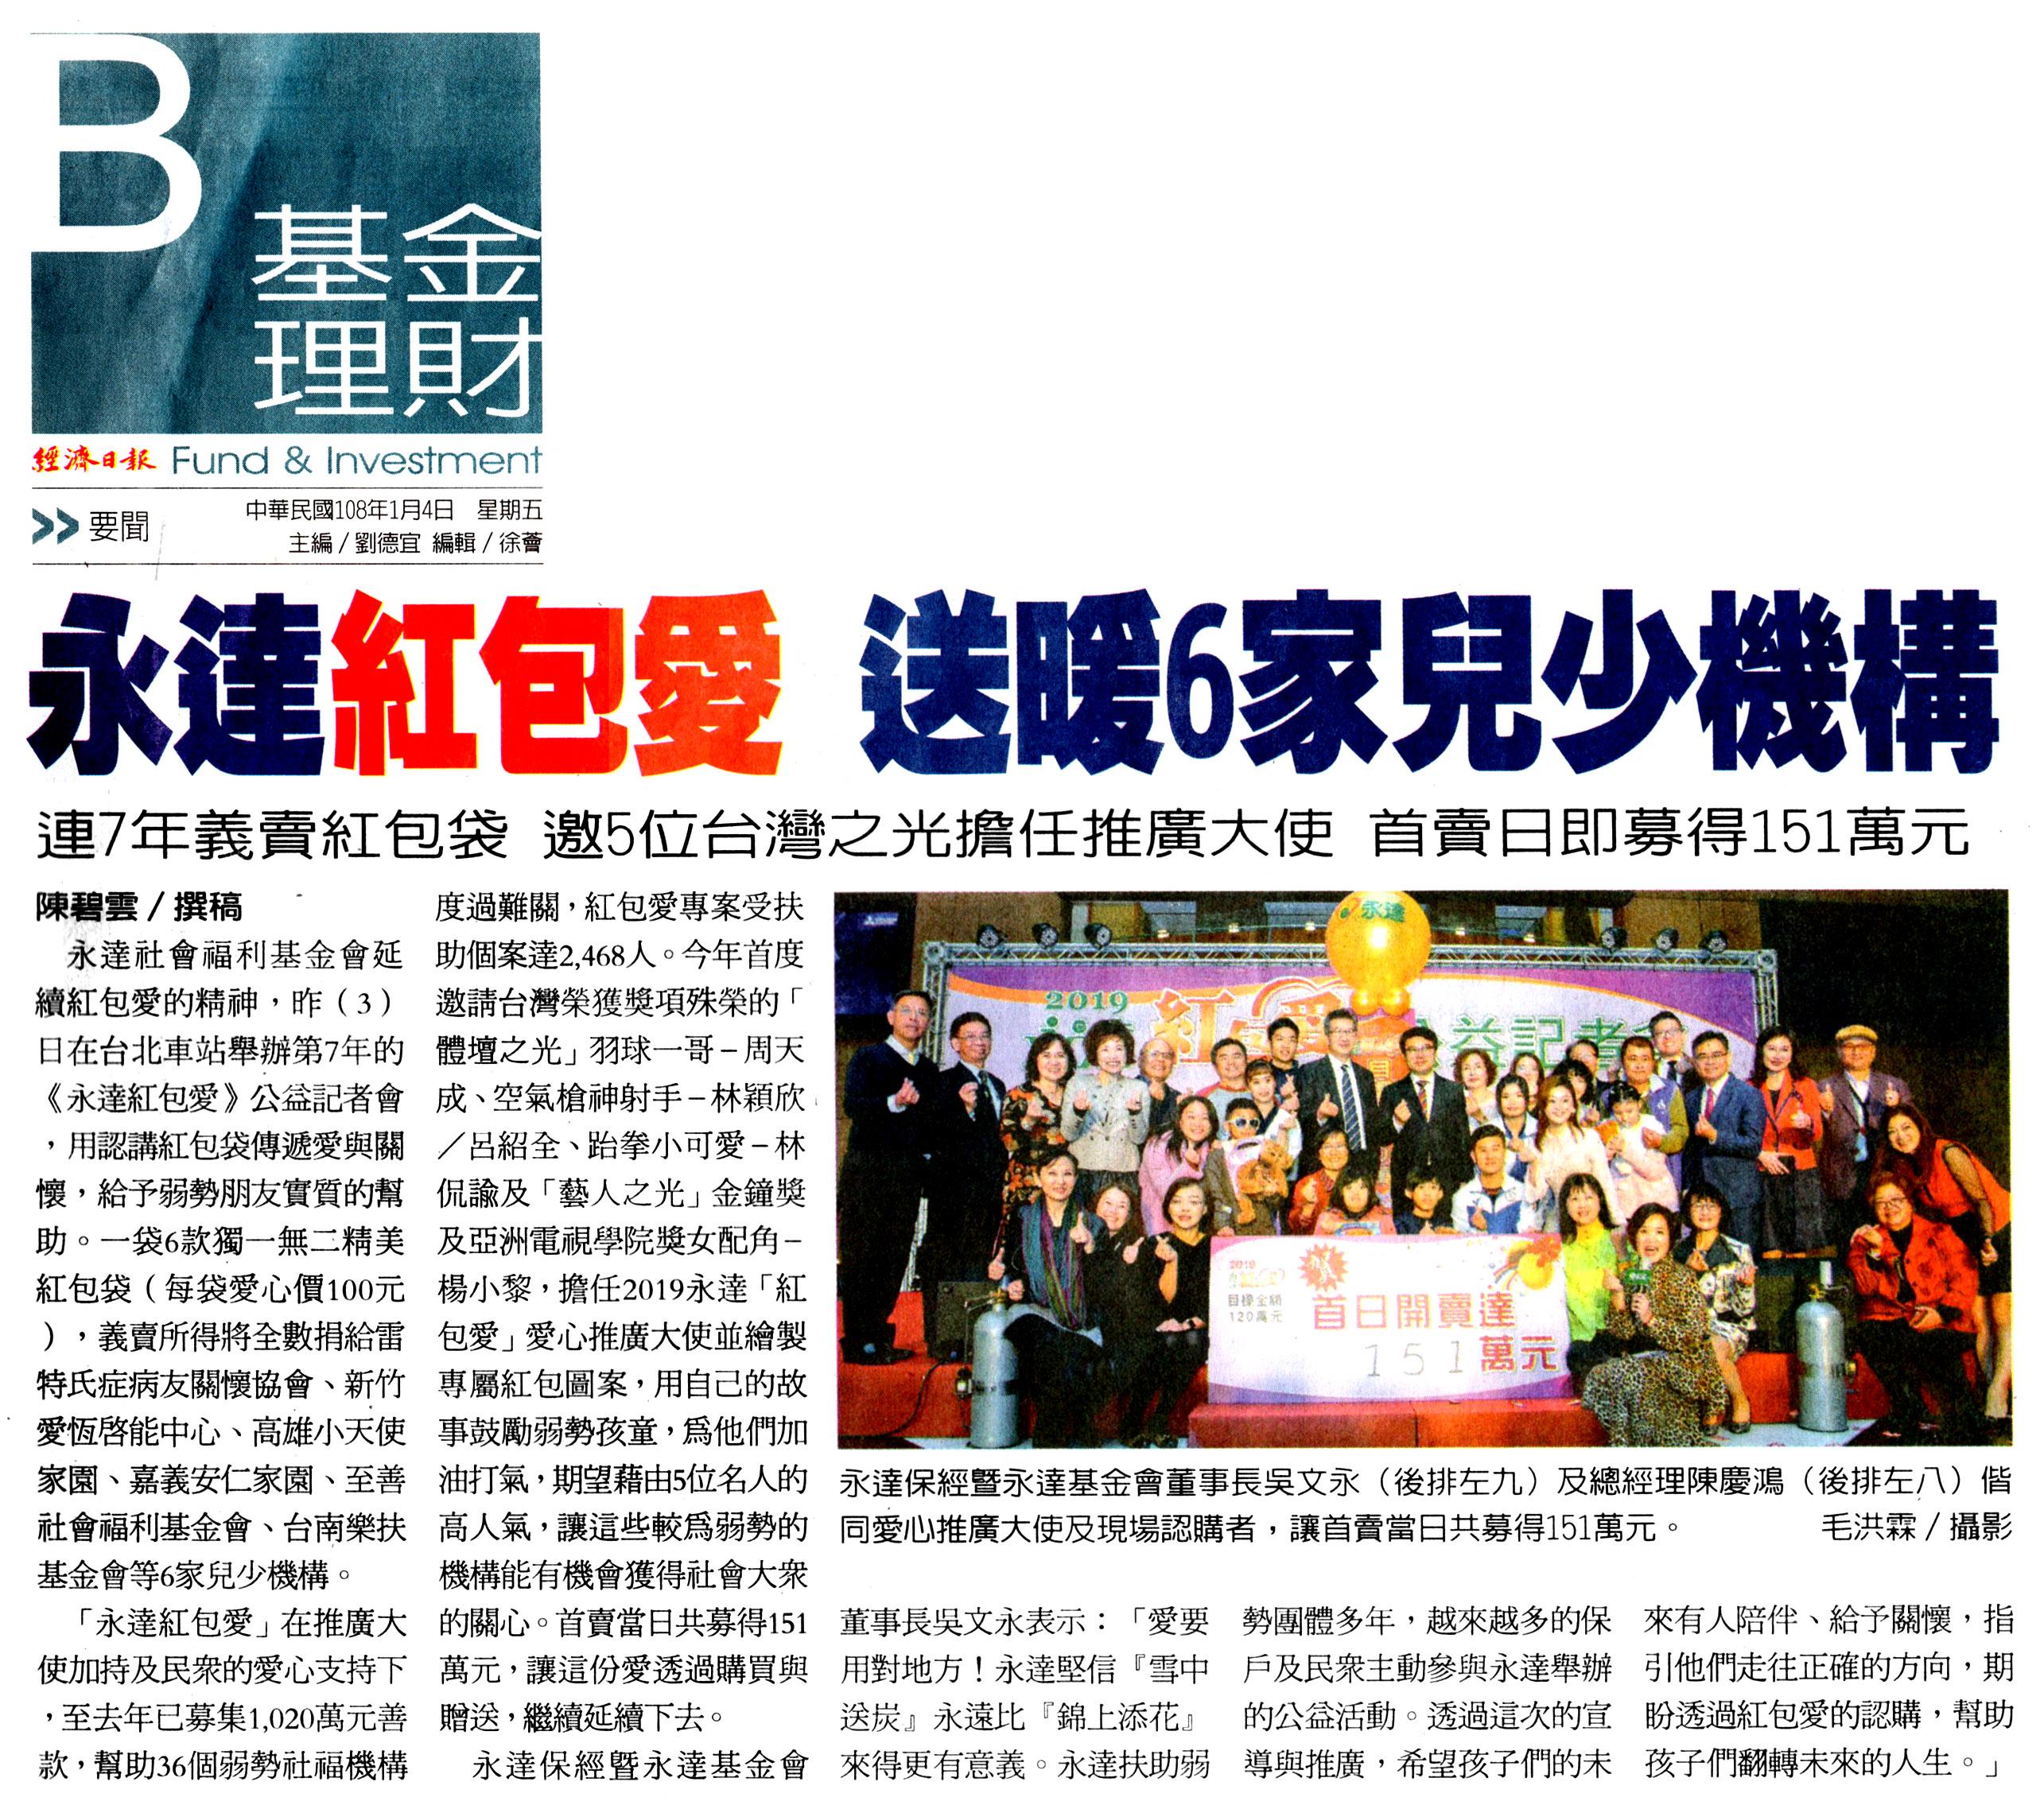 永達紅包愛 送暖6家兒少機構 連7年義賣紅包袋 邀5位台灣之光擔任推廣大使 首賣日即募得151萬元